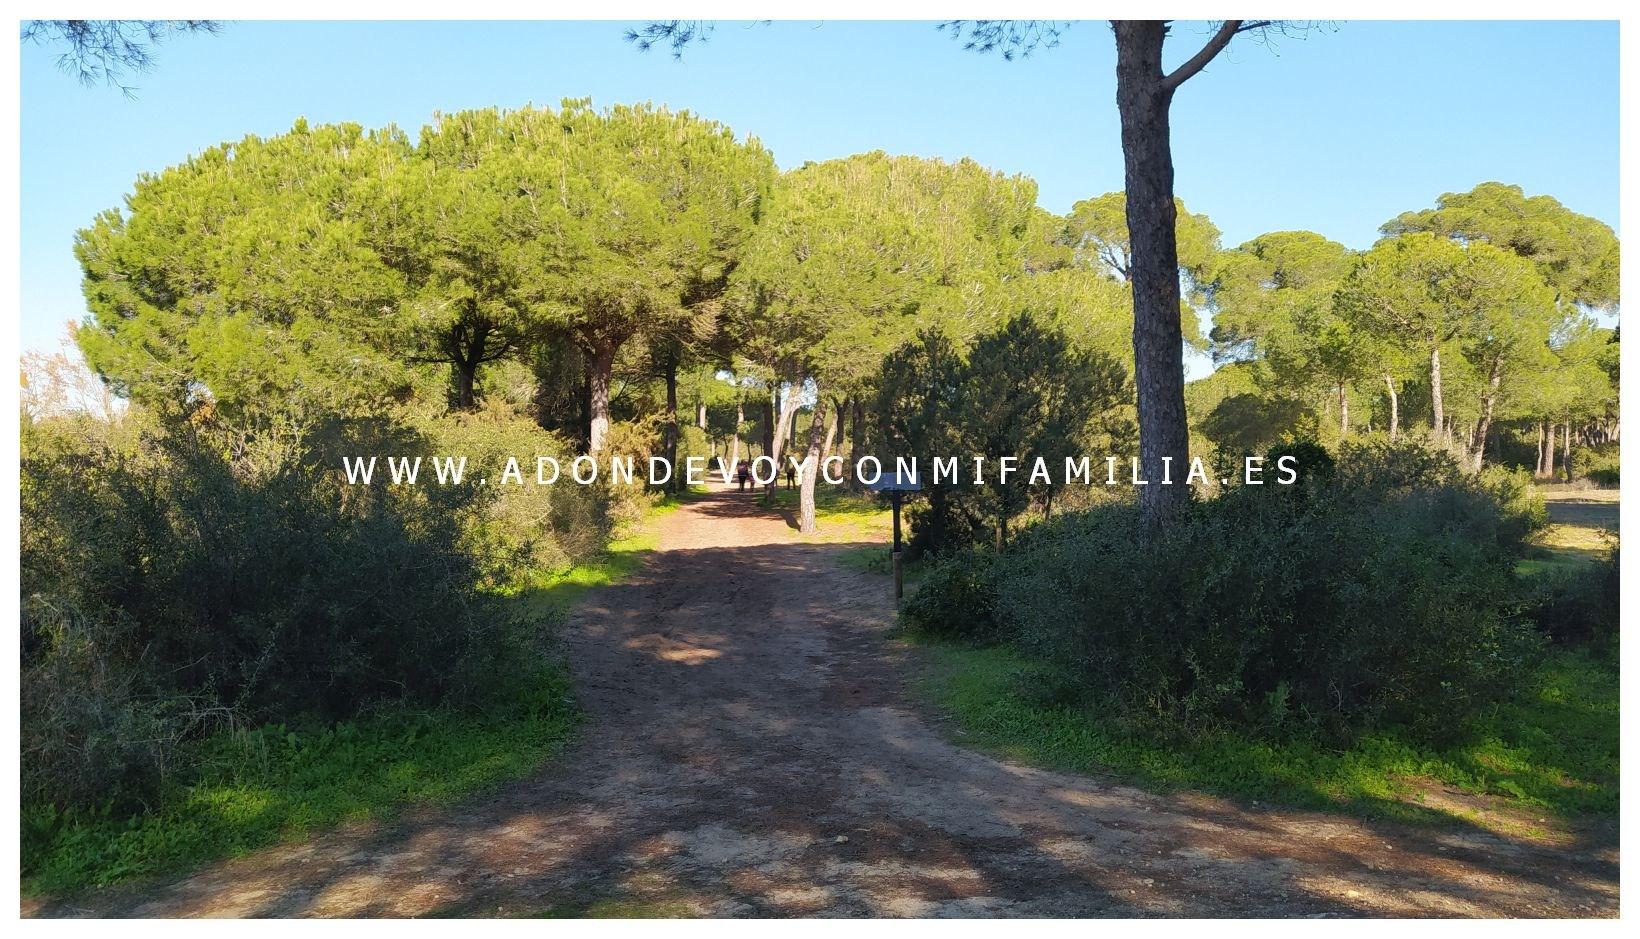 sendero-cerro-del-aguila-pinar-de-la-algaida-sanlucar-adondevoyconmifamilia-67